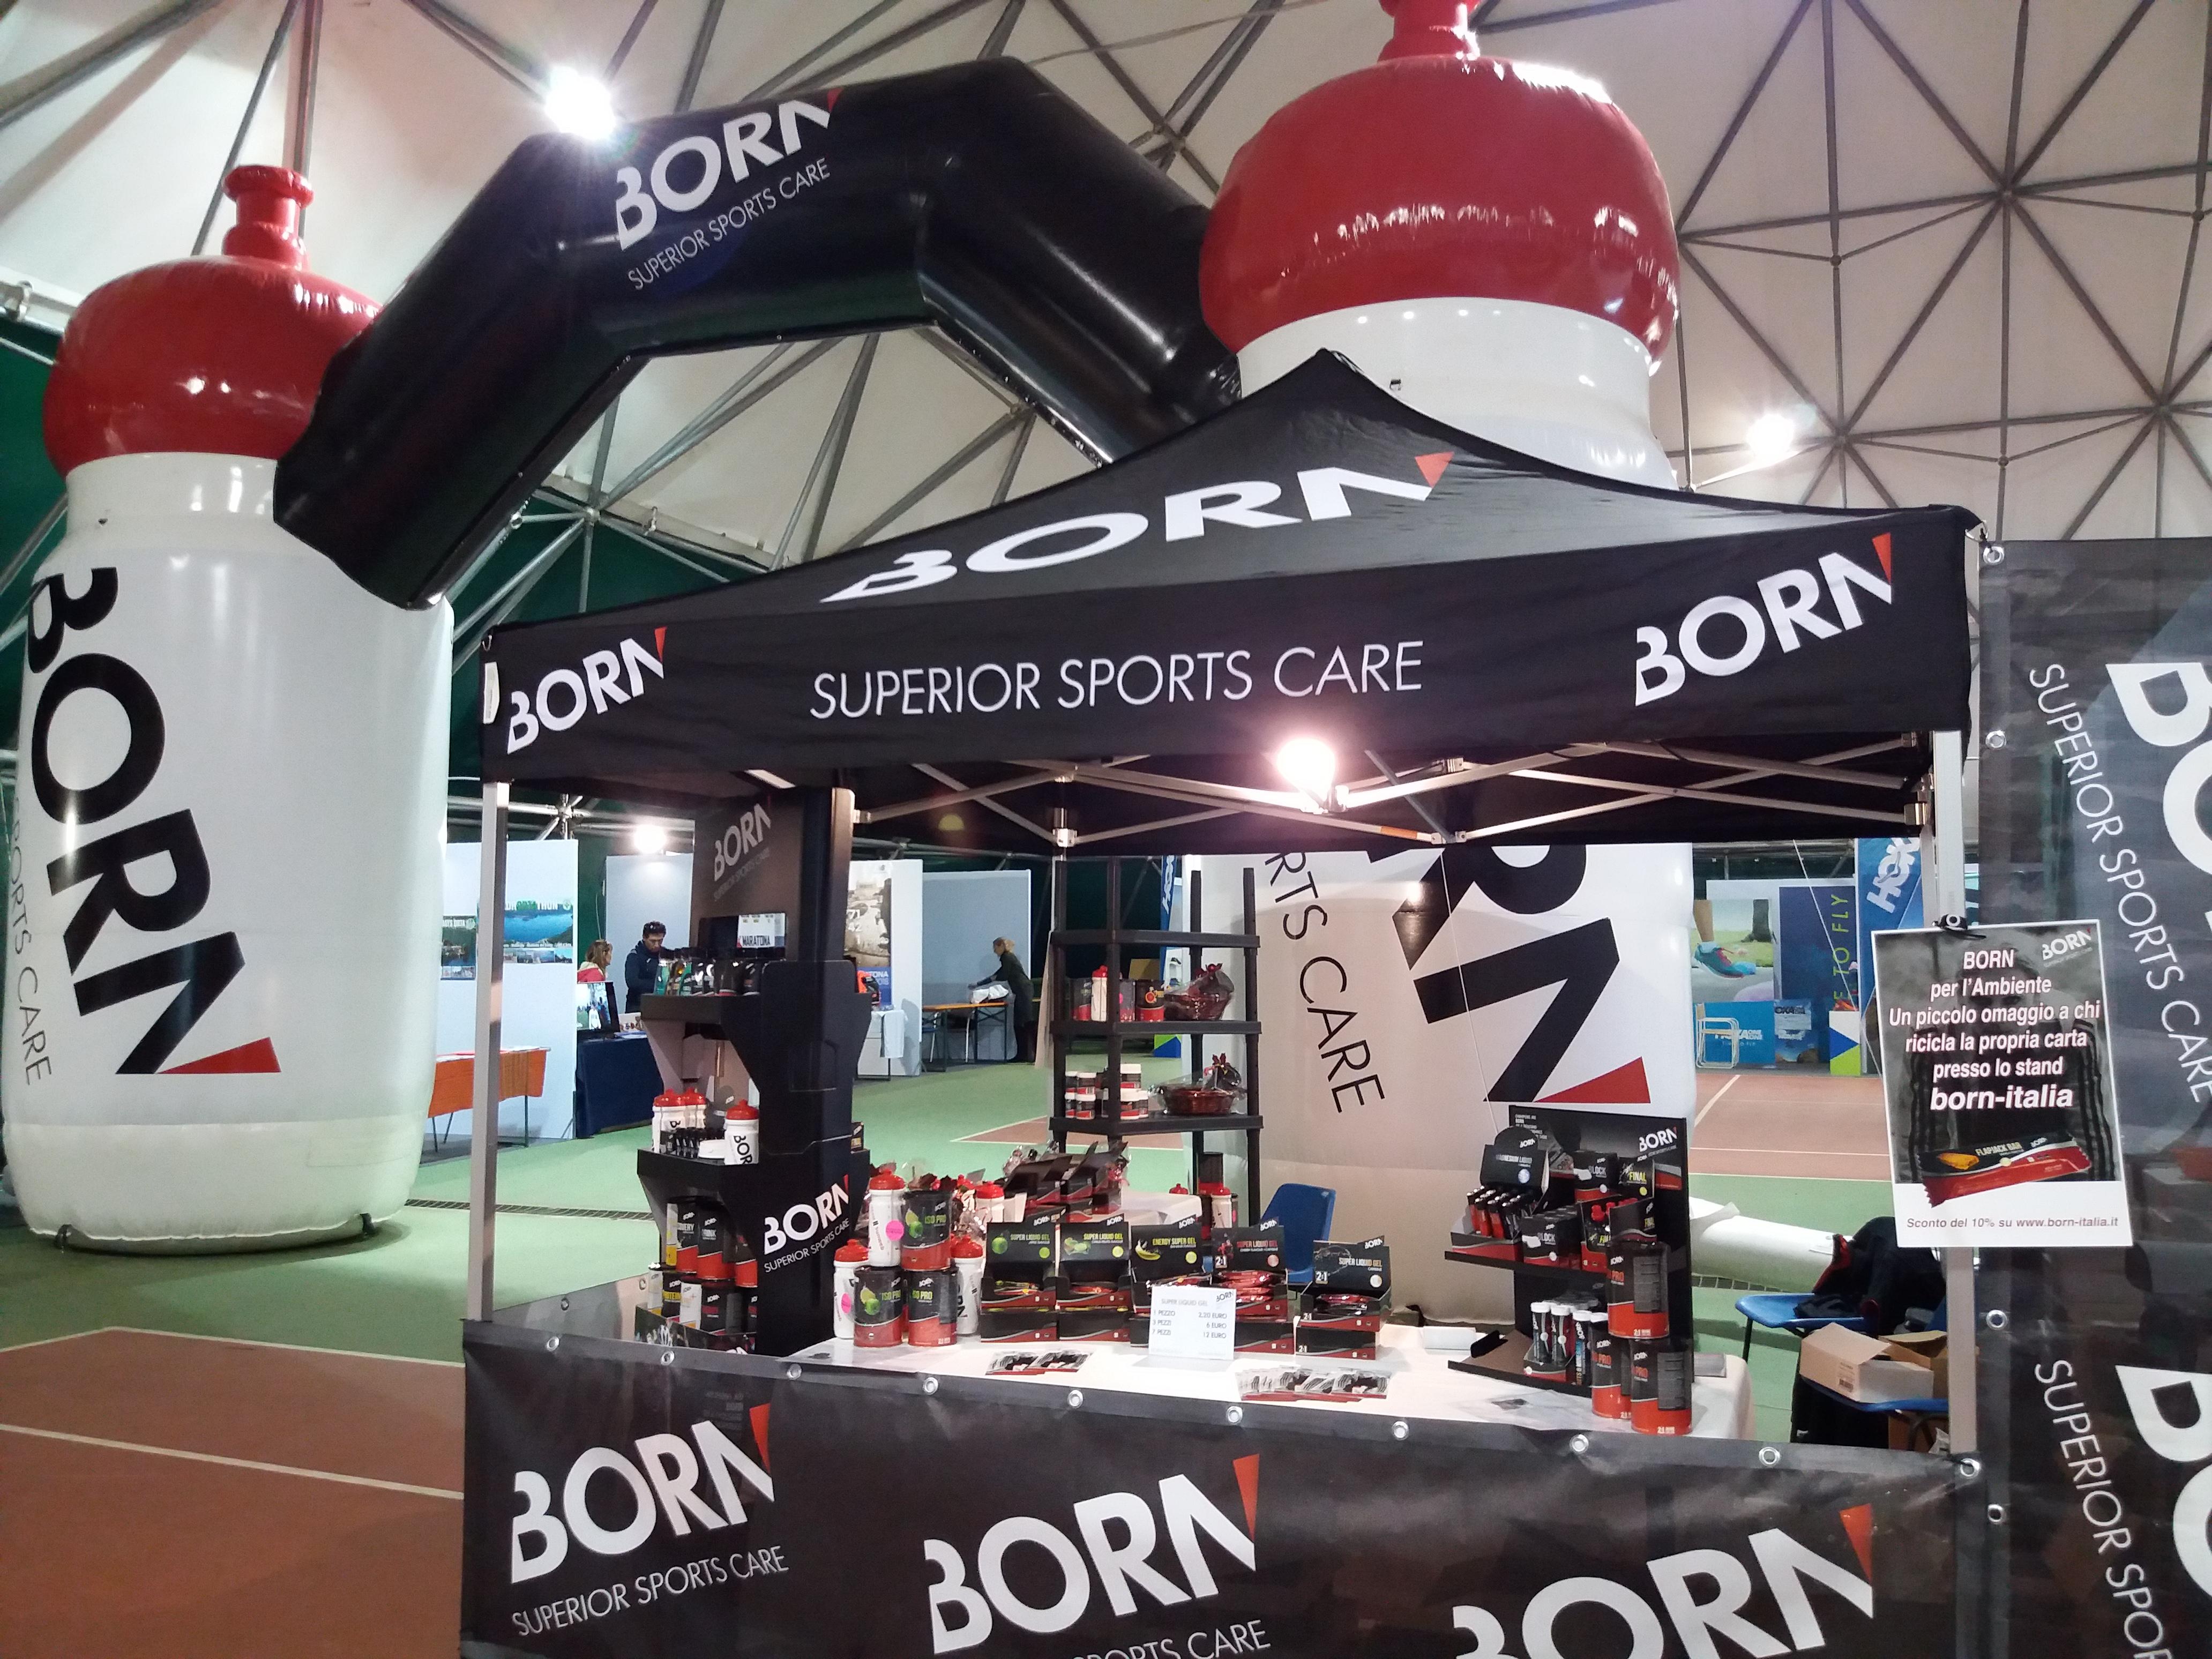 born-italia-maratona-di-pisa-expo-allestimento-stand-arco